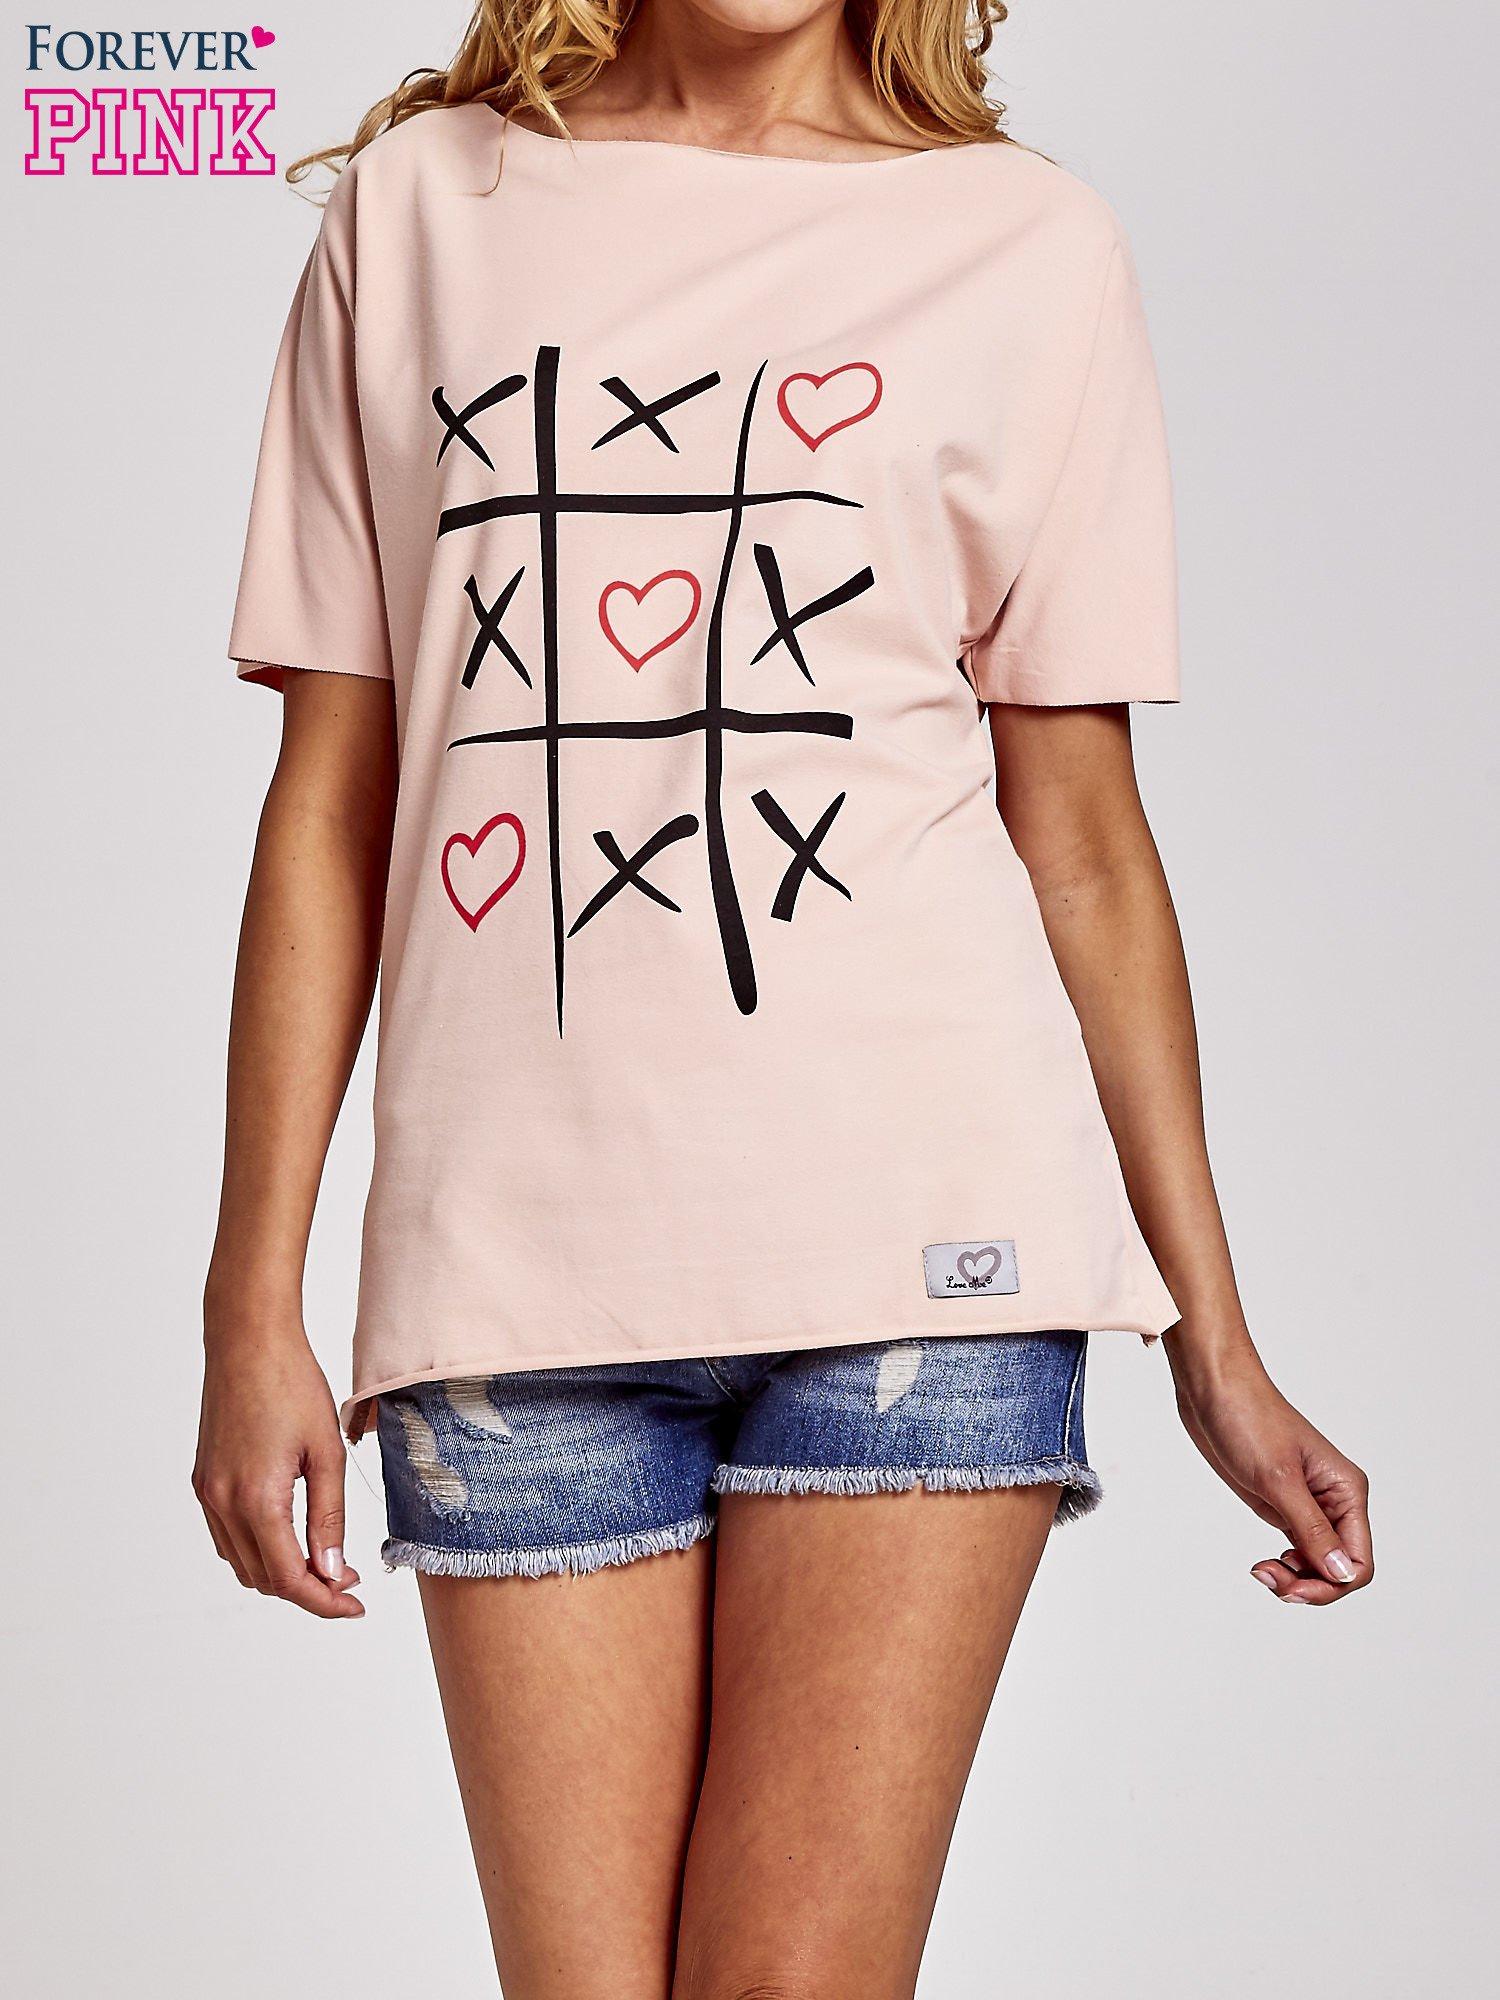 Brzoskwiniowy t-shirt z motywem serce i krzyżyk                                  zdj.                                  1